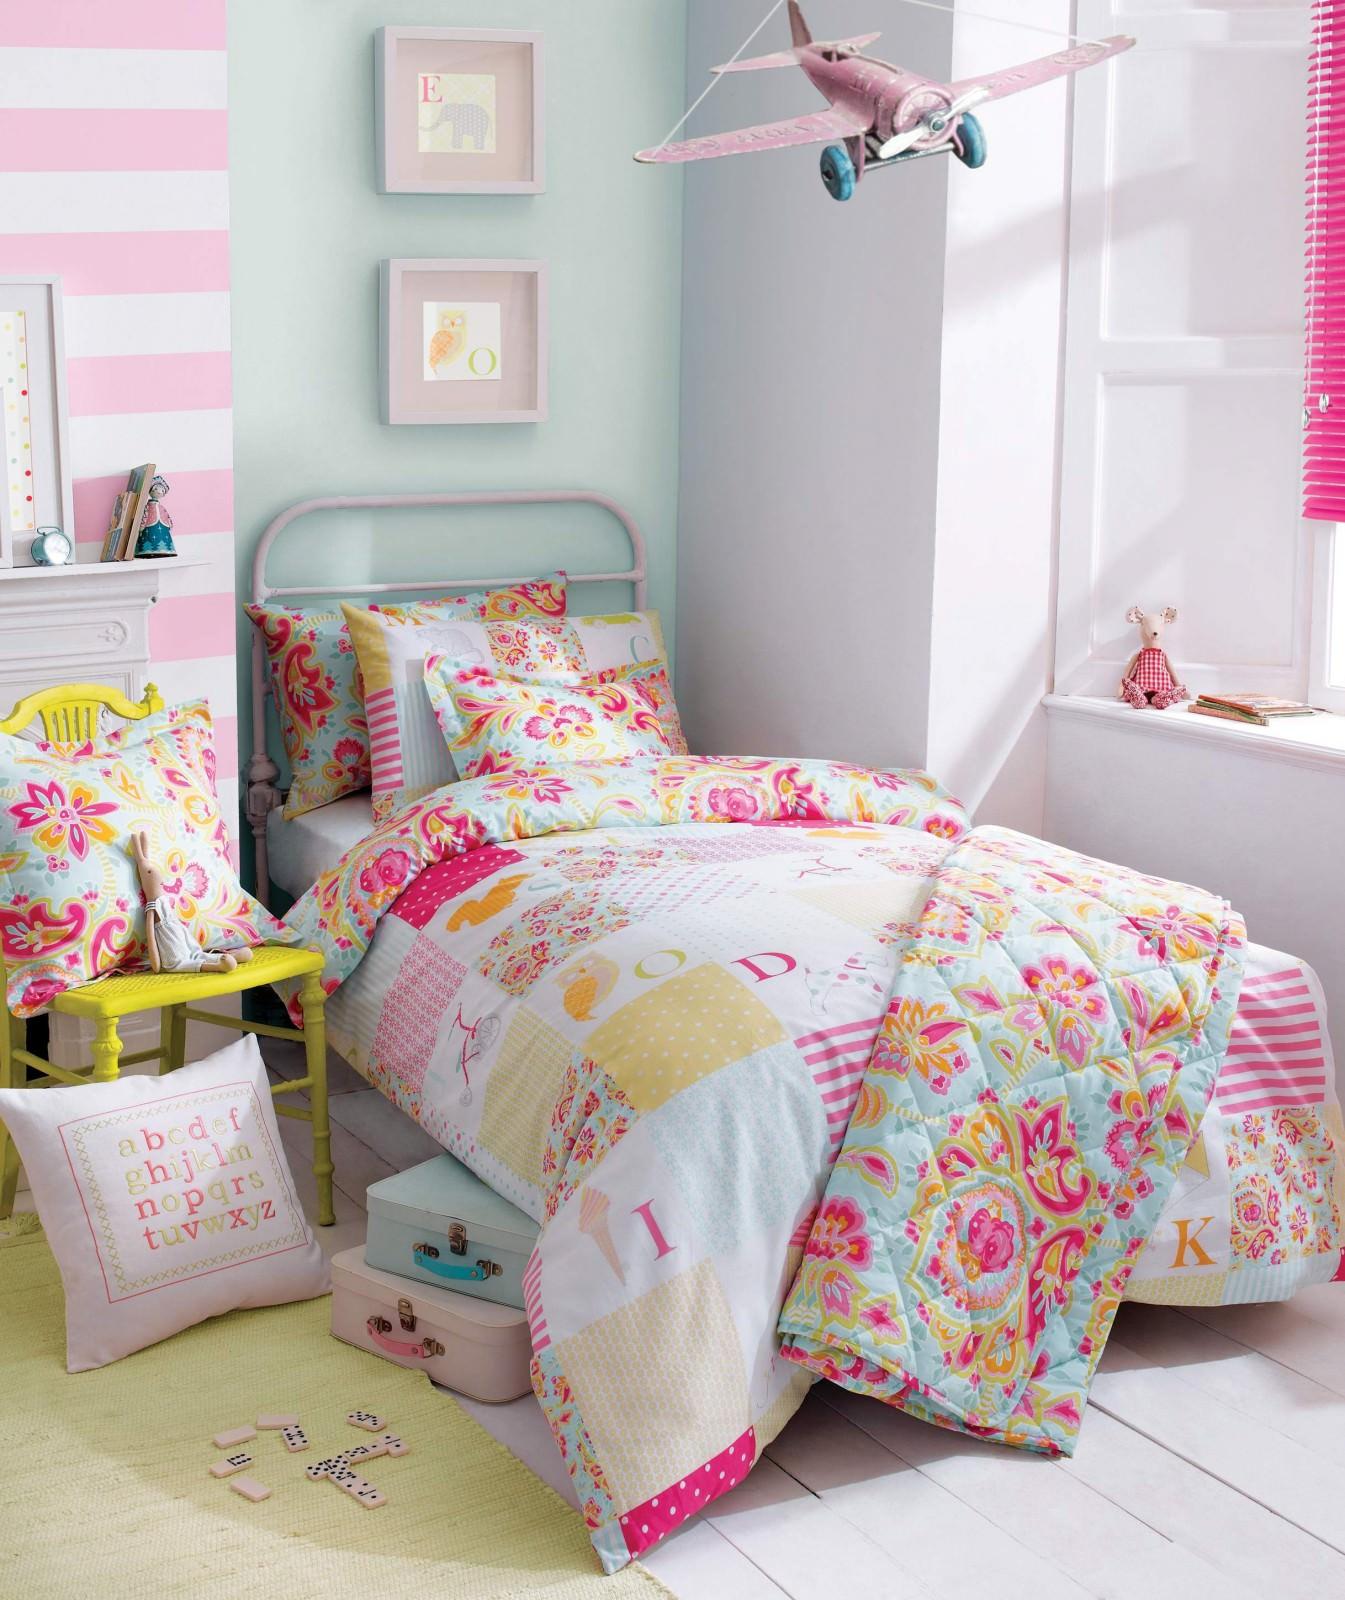 Идеи для детской своими руками - Дизайн детской комнаты 24